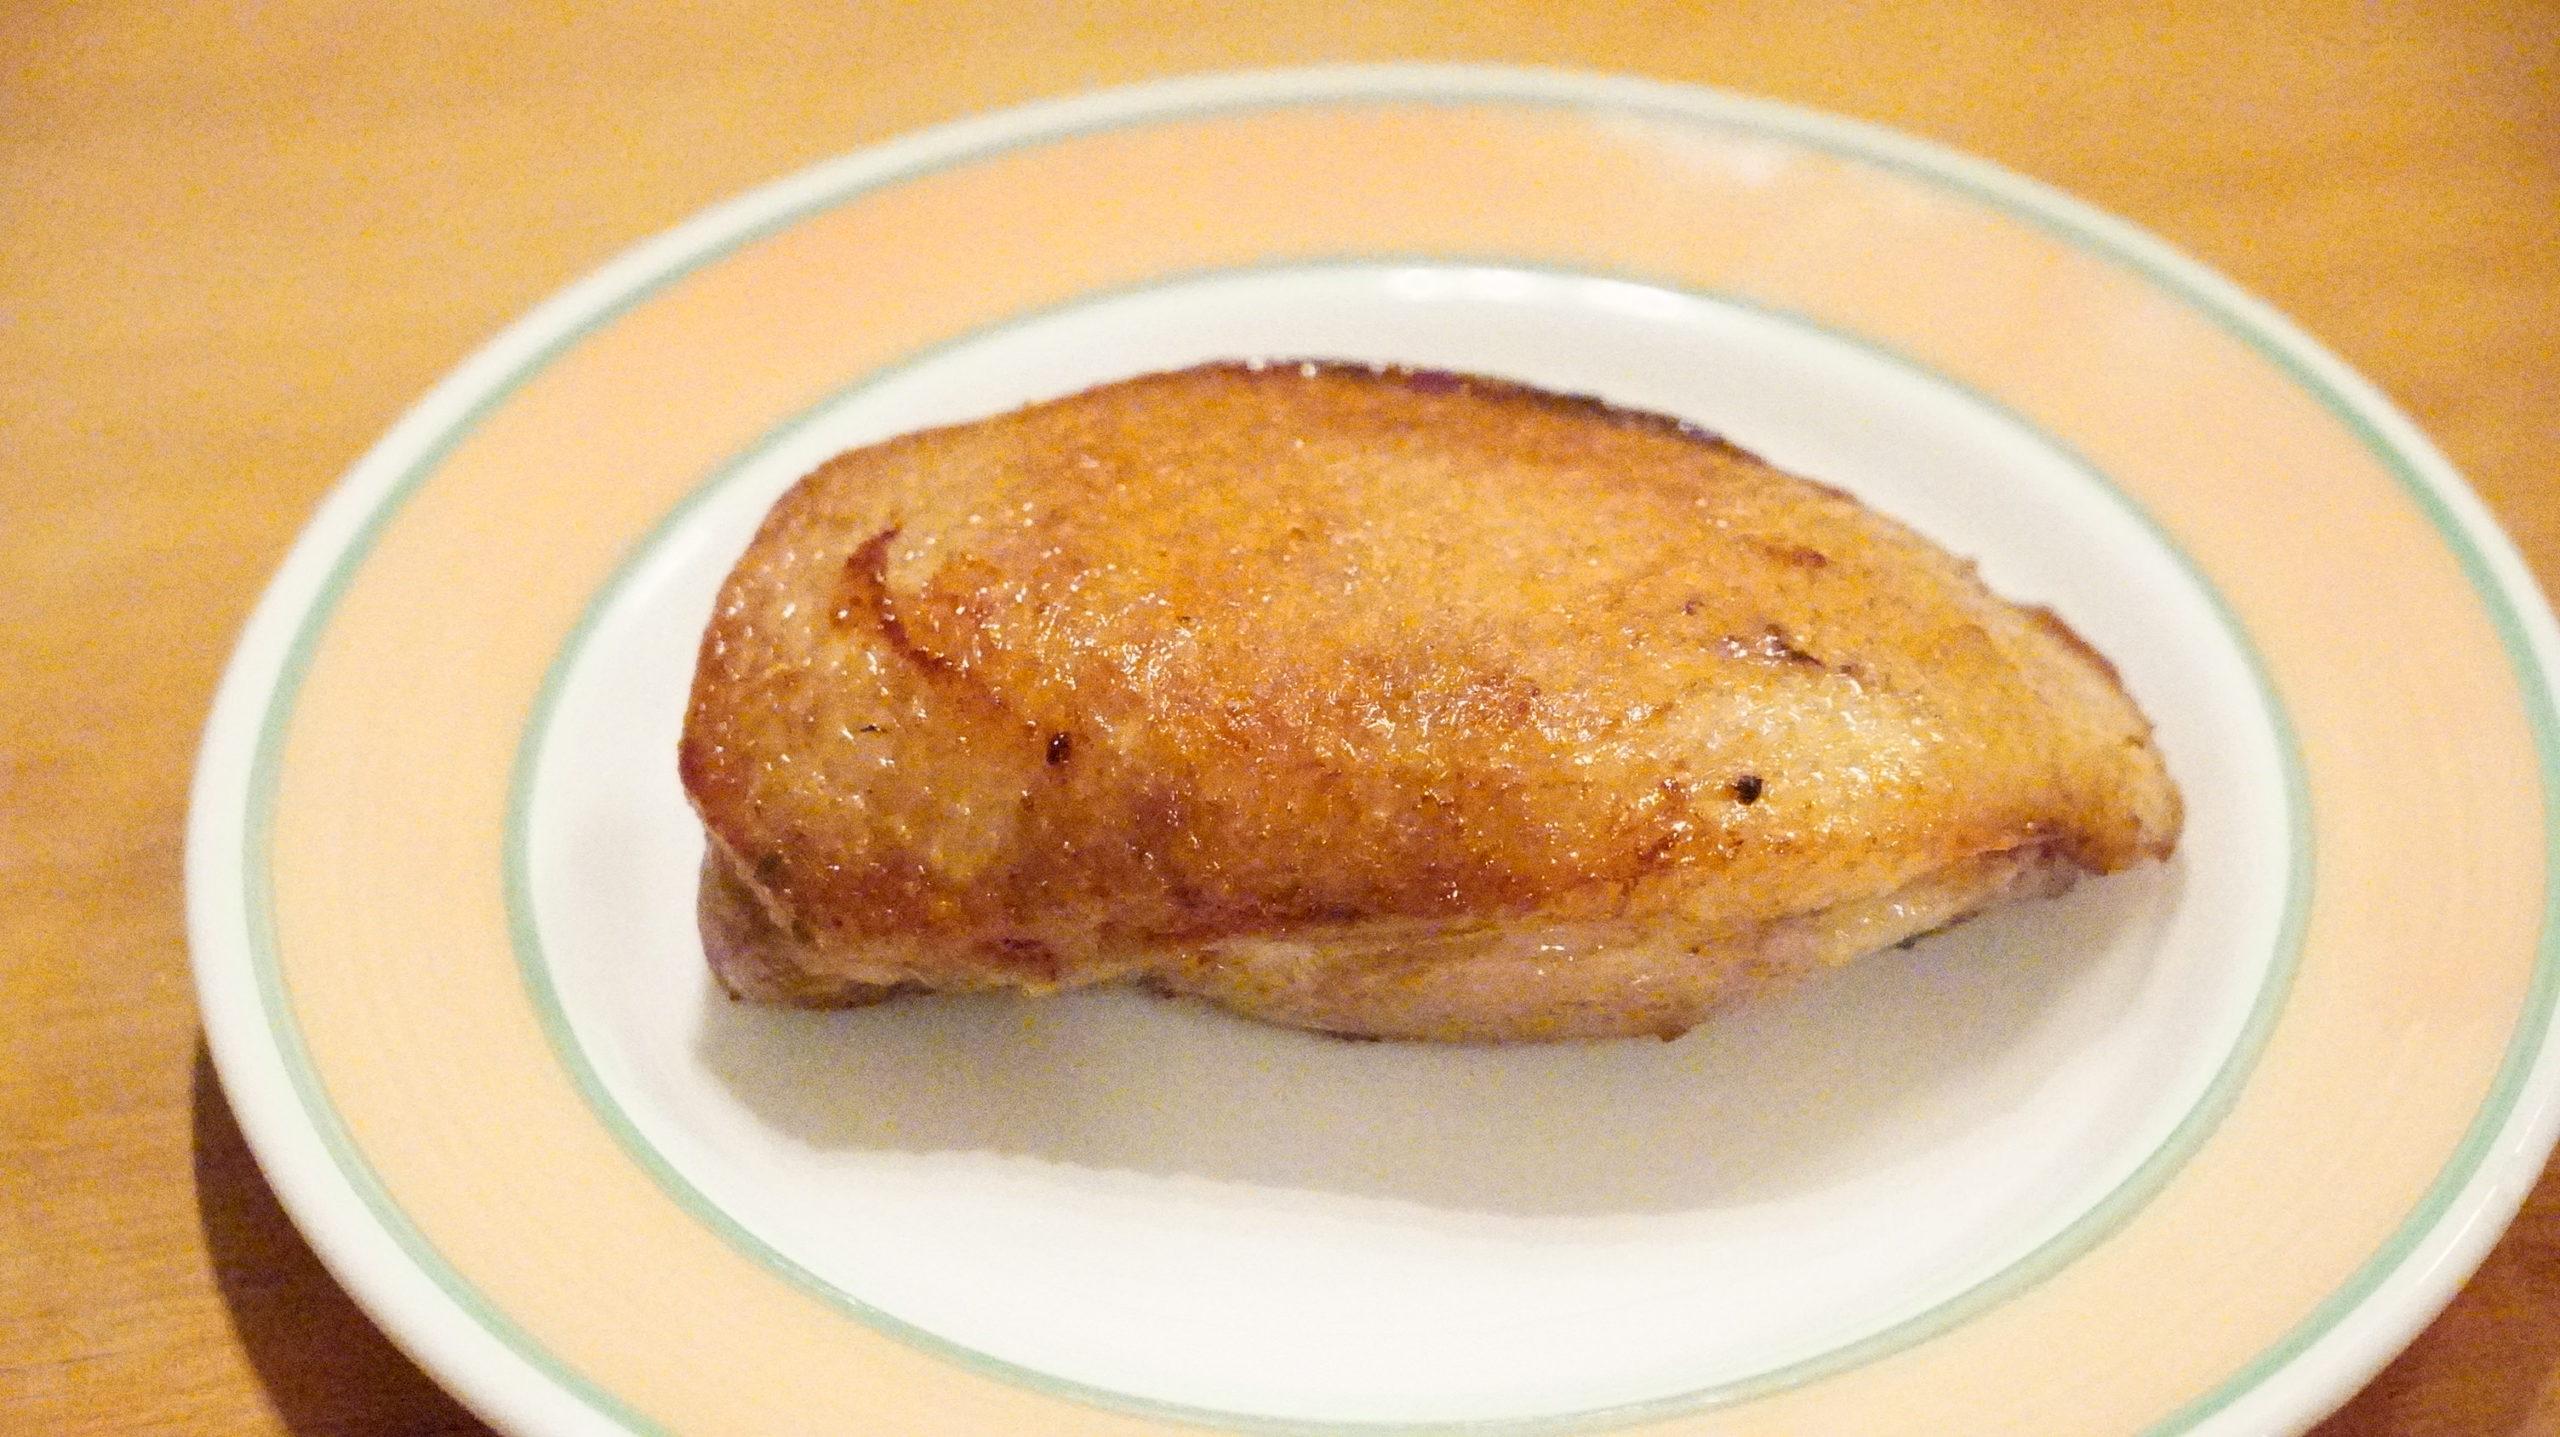 ピカールの冷凍食品「フランス南西部産マグレドカナール」のカットする前の写真